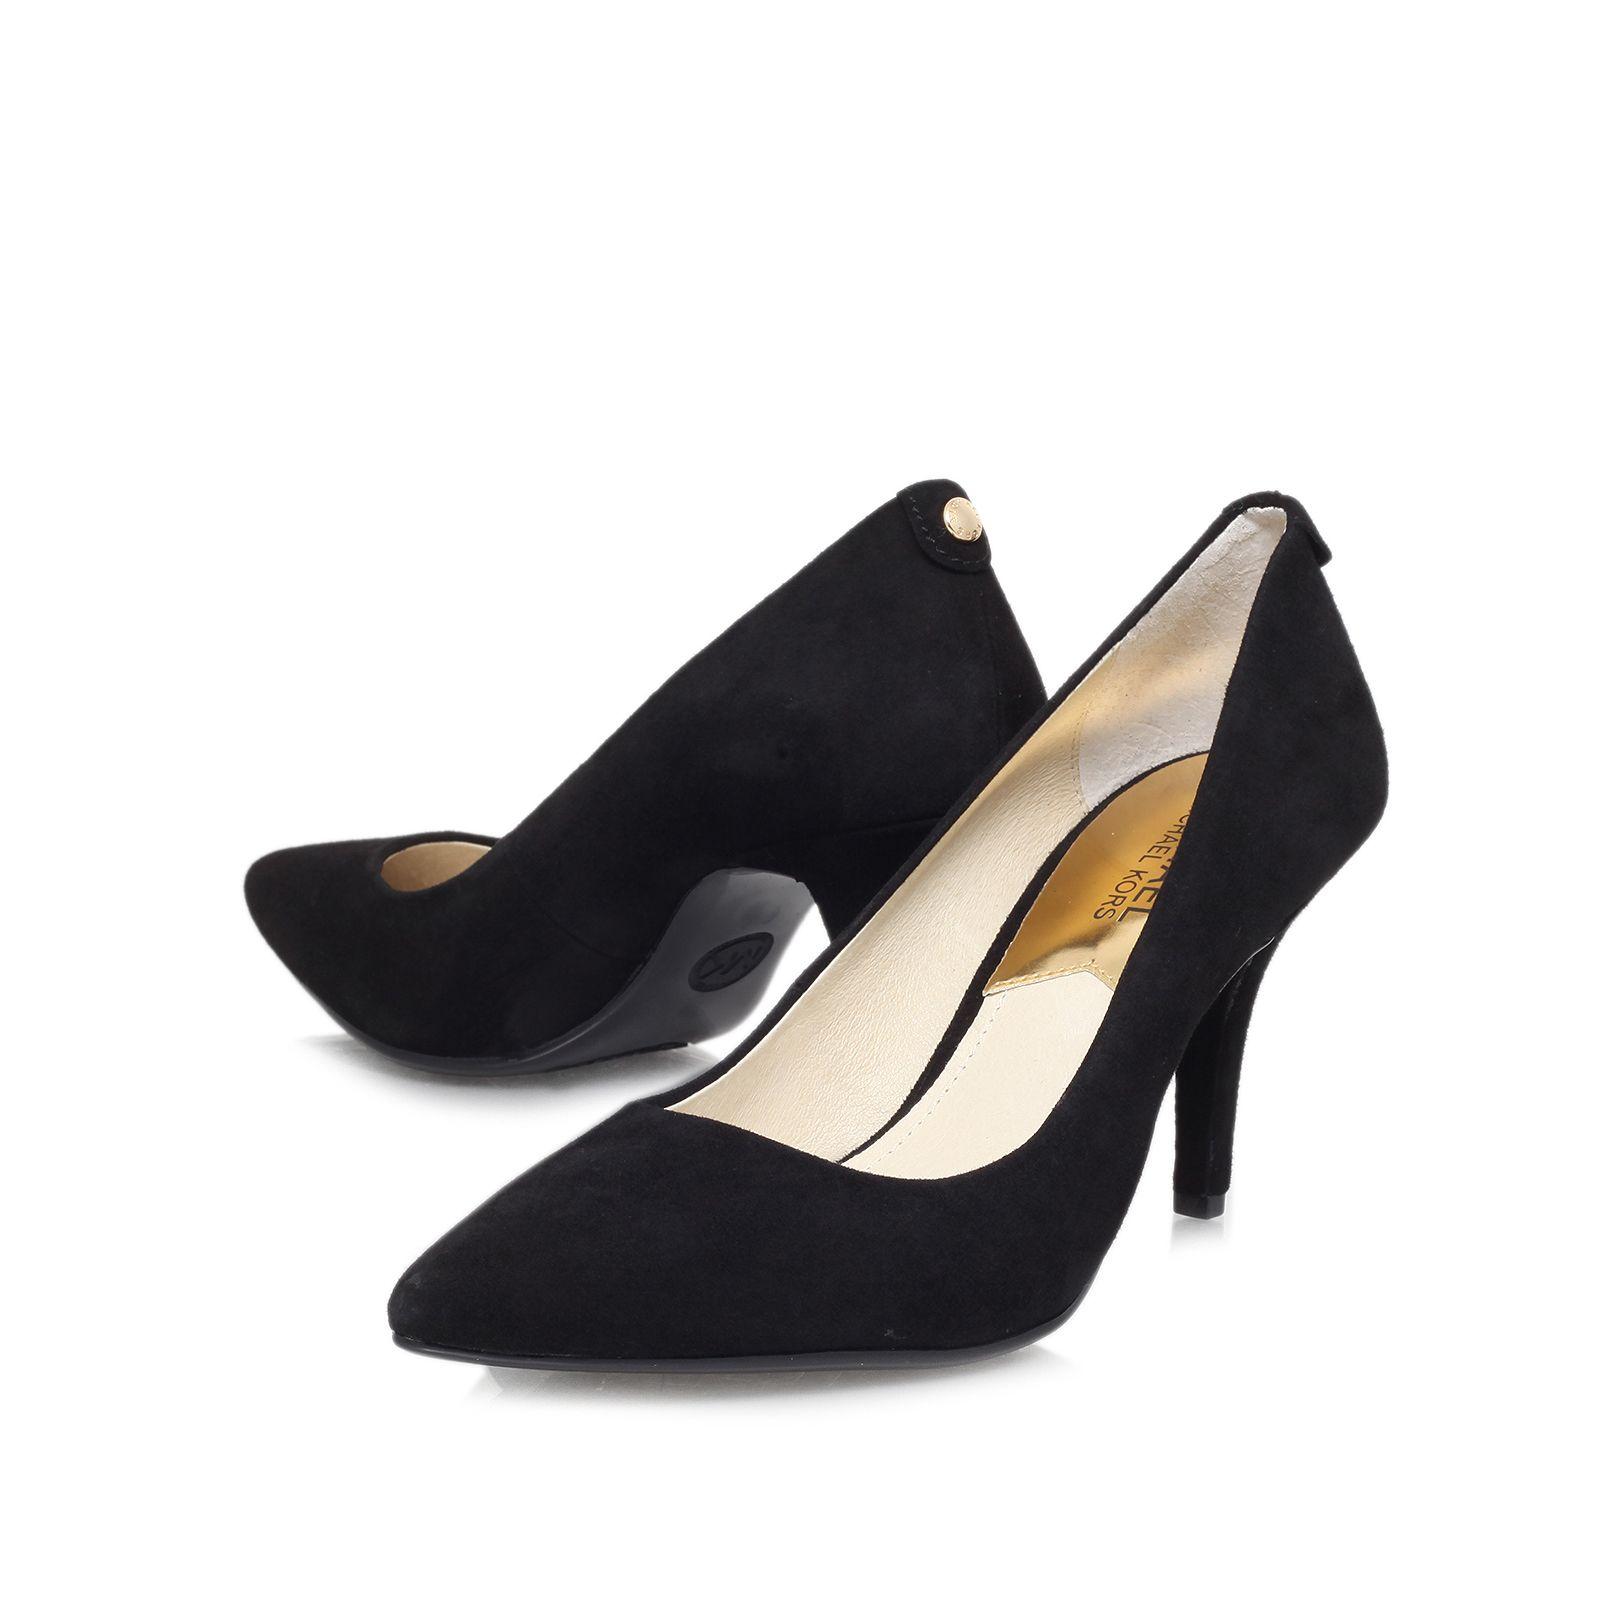 michael kors mk flex high heel court shoes in black lyst. Black Bedroom Furniture Sets. Home Design Ideas